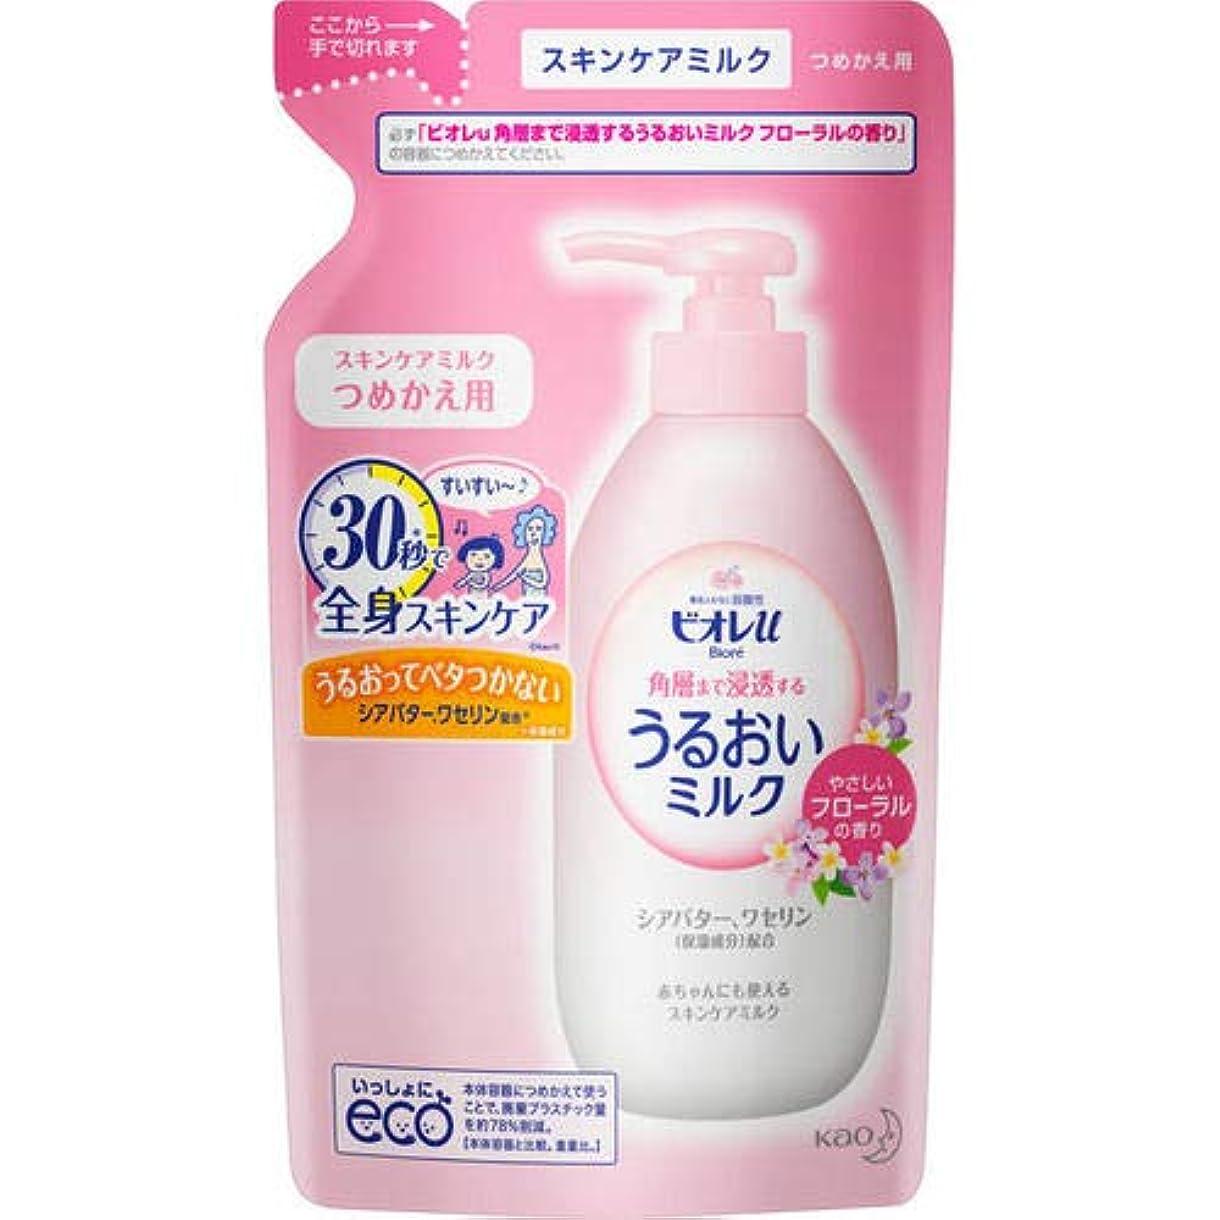 検出器労働明るいビオレu 角層まで浸透する うるおいミルク フローラルの香り つめかえ用 250mL